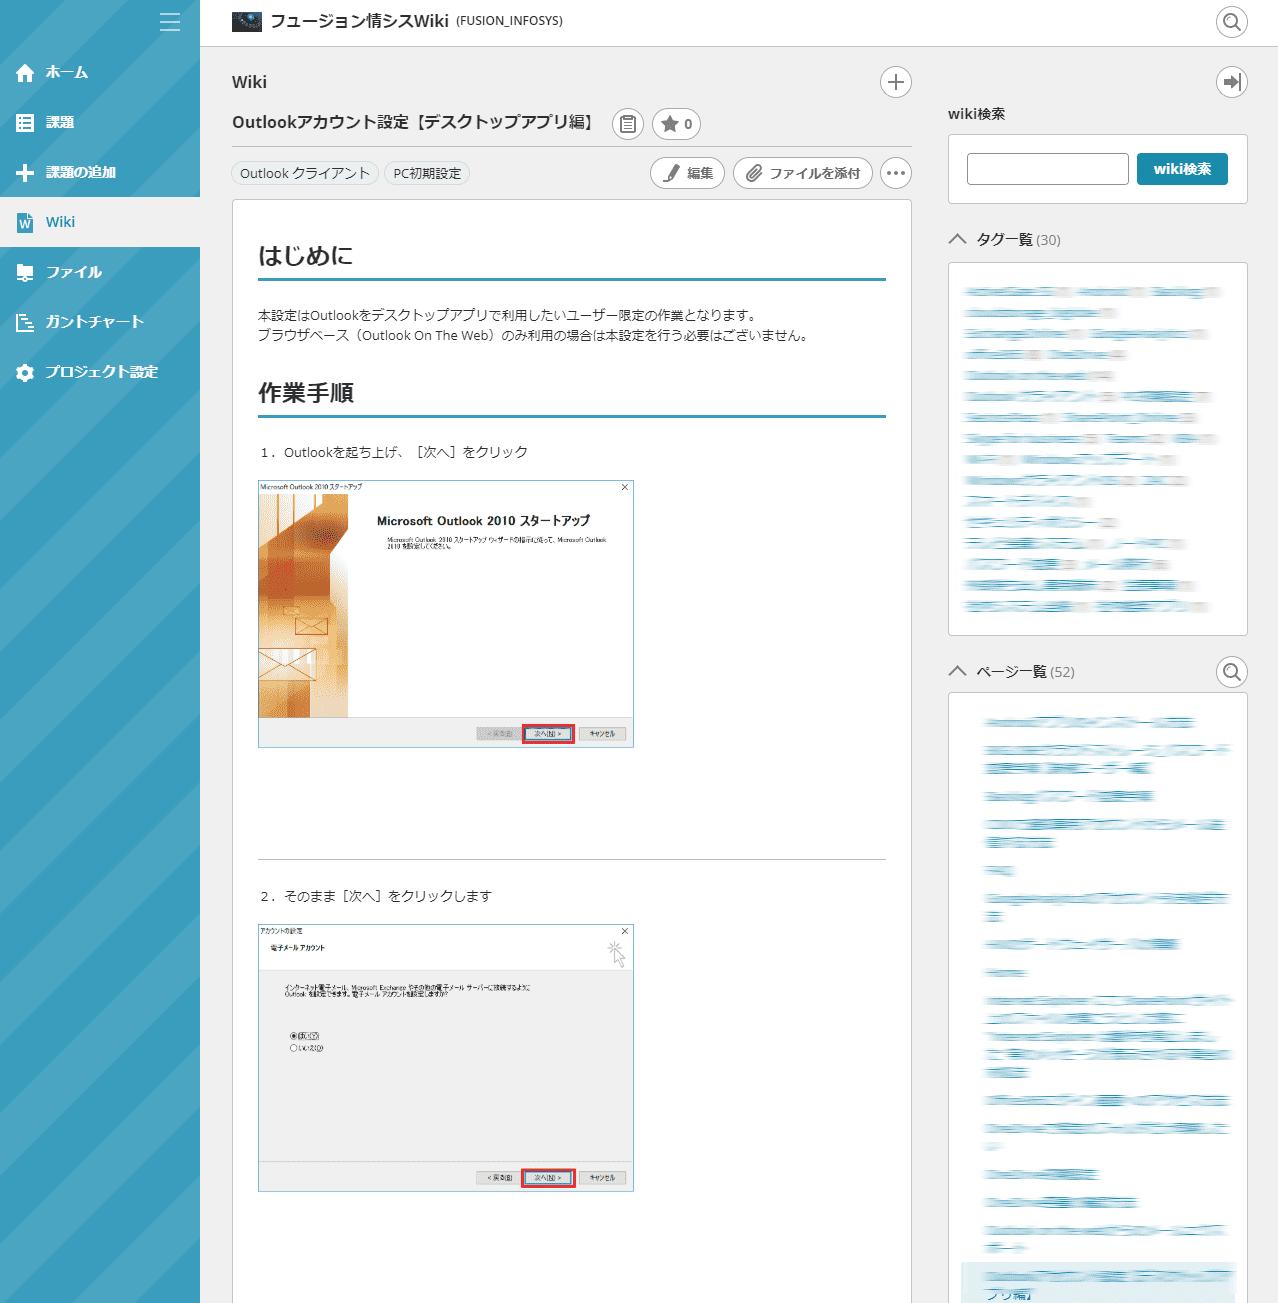 backlog-wiki